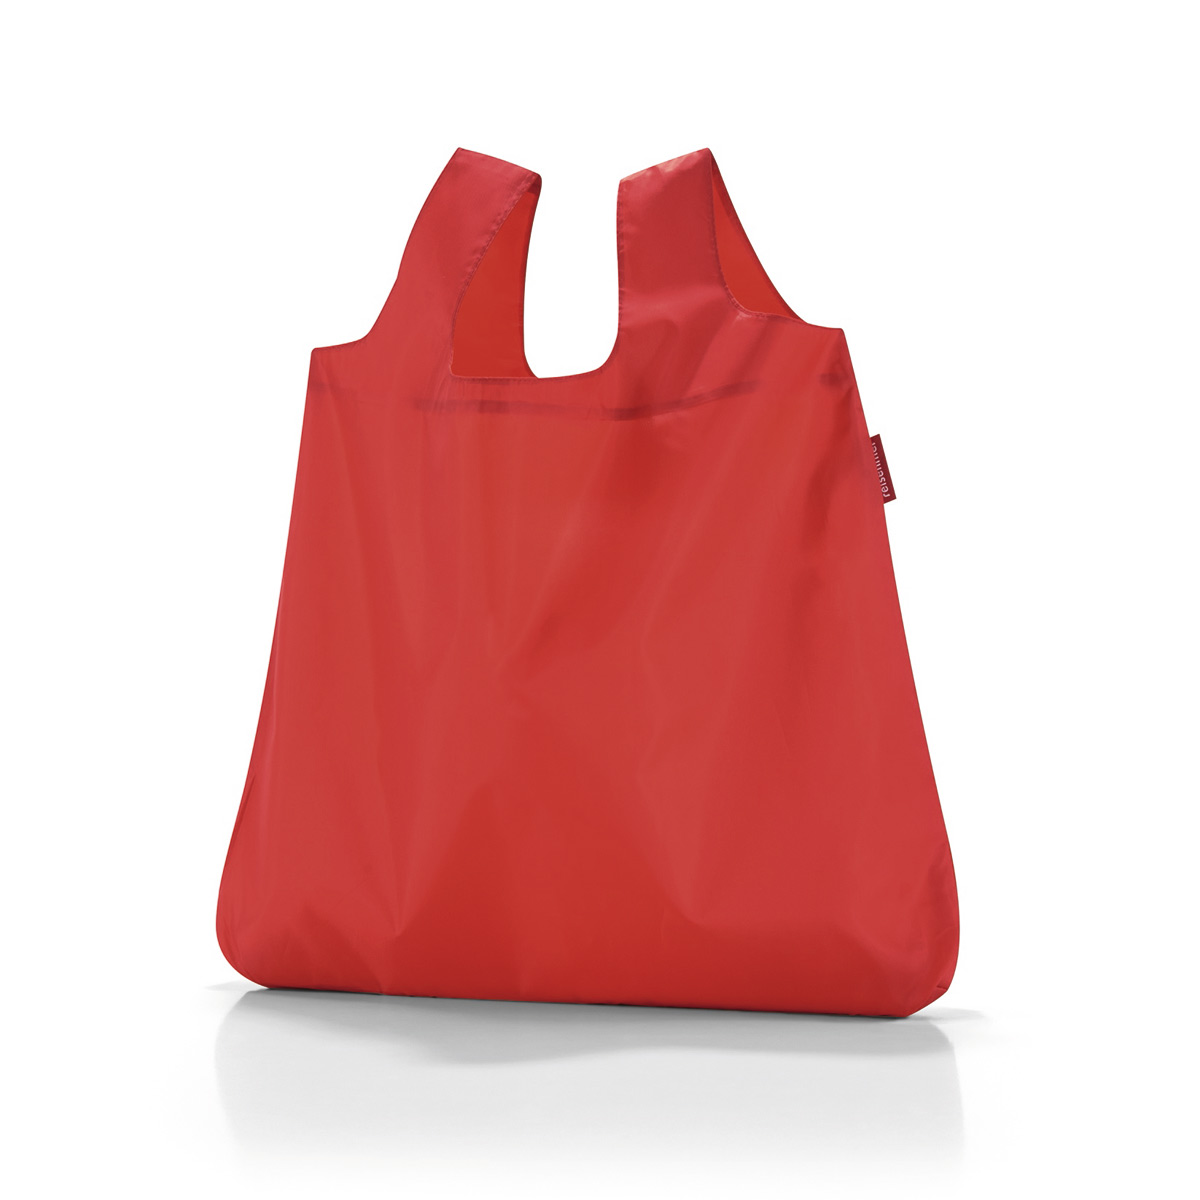 Сумка складная женская Reisenthel Mini maxi shopper red, цвет: красный. AO3004A-B86-05-CВ европейских странах люди давно отказались от одноразовых пластиковых пакетов ради сохранения окружающей среды. Так что абсолютно все ходят за продуктами с авоськами, одна другой симпатичнее. Последуем их примеру, тем более, что такая сумка может складываться в компактный чехольчик, который поместится куда угодно. Она вседа с вами.Объем - 15 литров. Удобные широкие ручки. Размер в сложенном состоянии - 10,5 х 5 х 2 см.